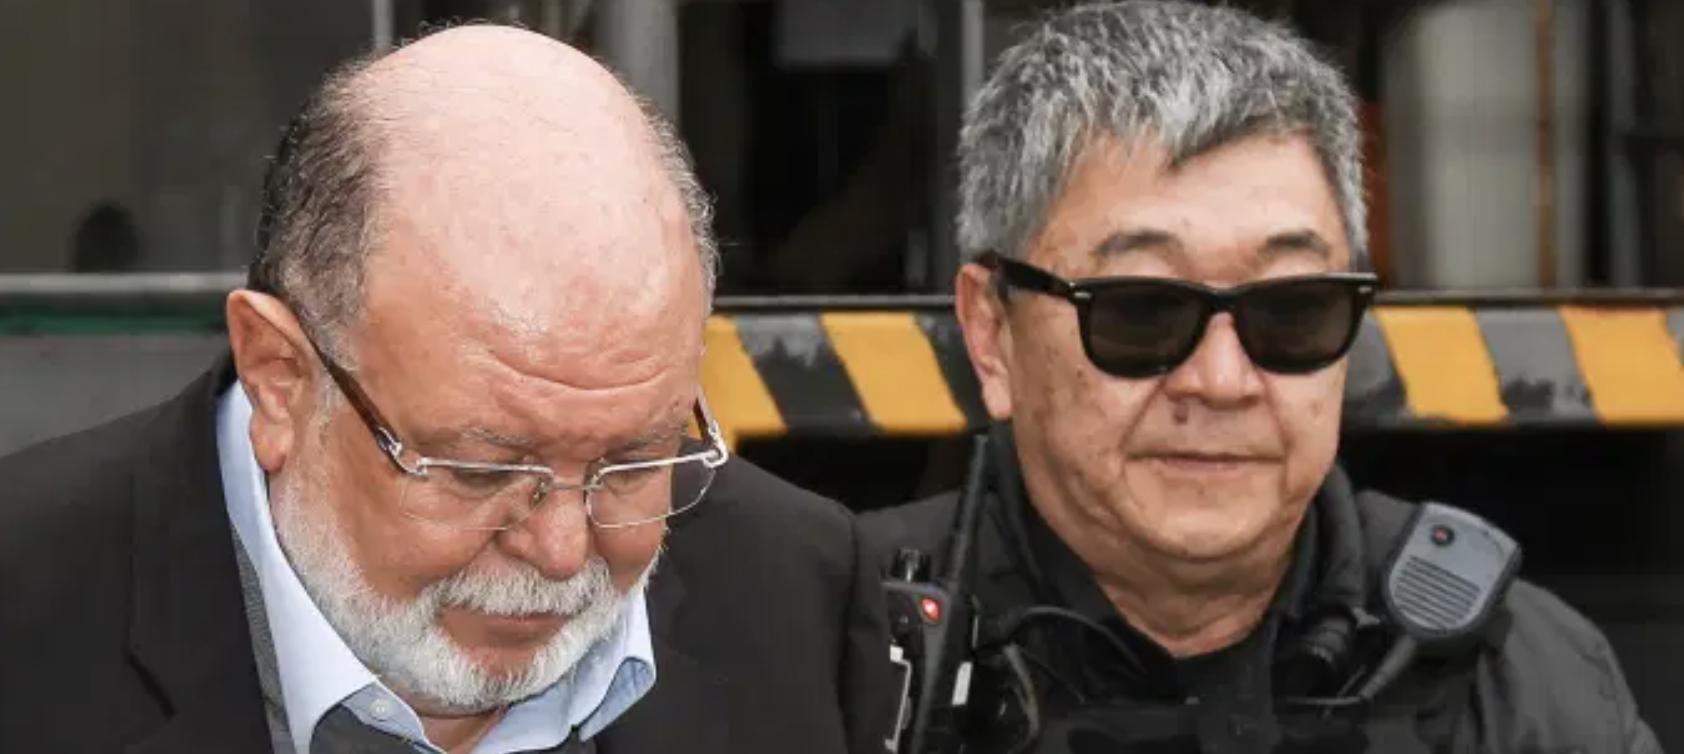 Delator acusou Lula sem provas de favorecer empresa na Costa Rica, denúncia é arquivada e defesa celebra vitória 19